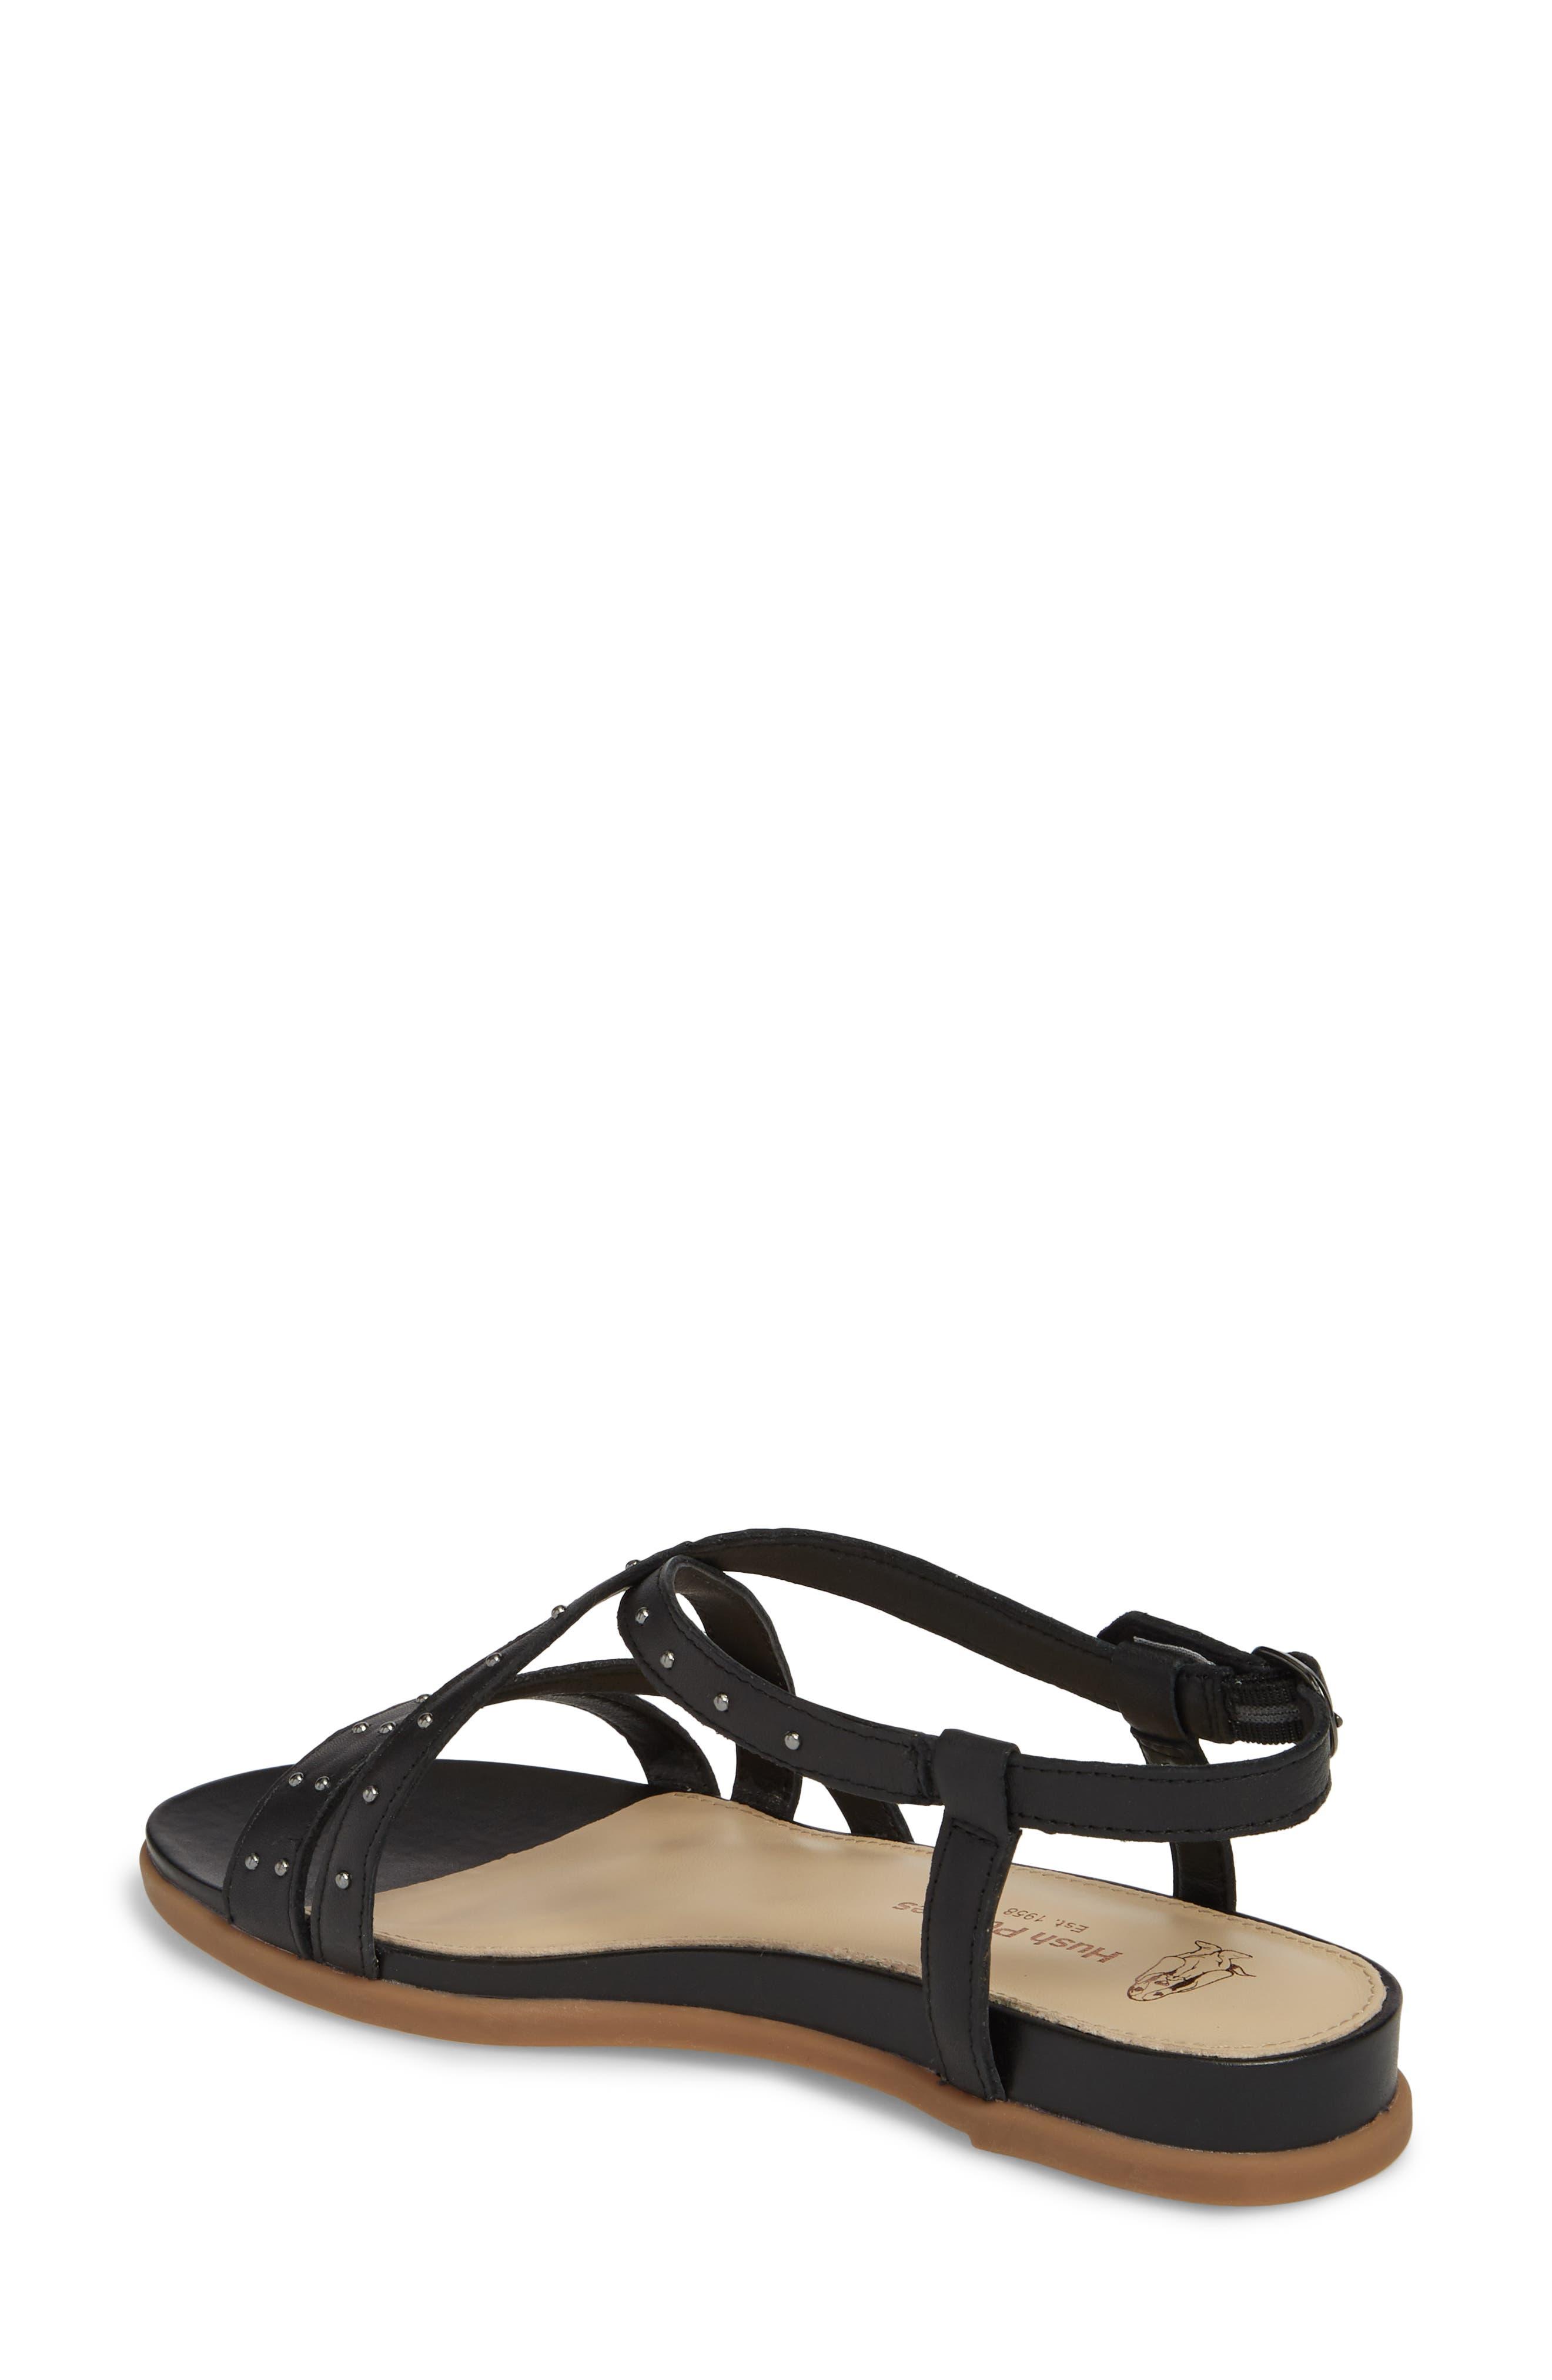 Dalmatian Studded Sandal,                             Alternate thumbnail 5, color,